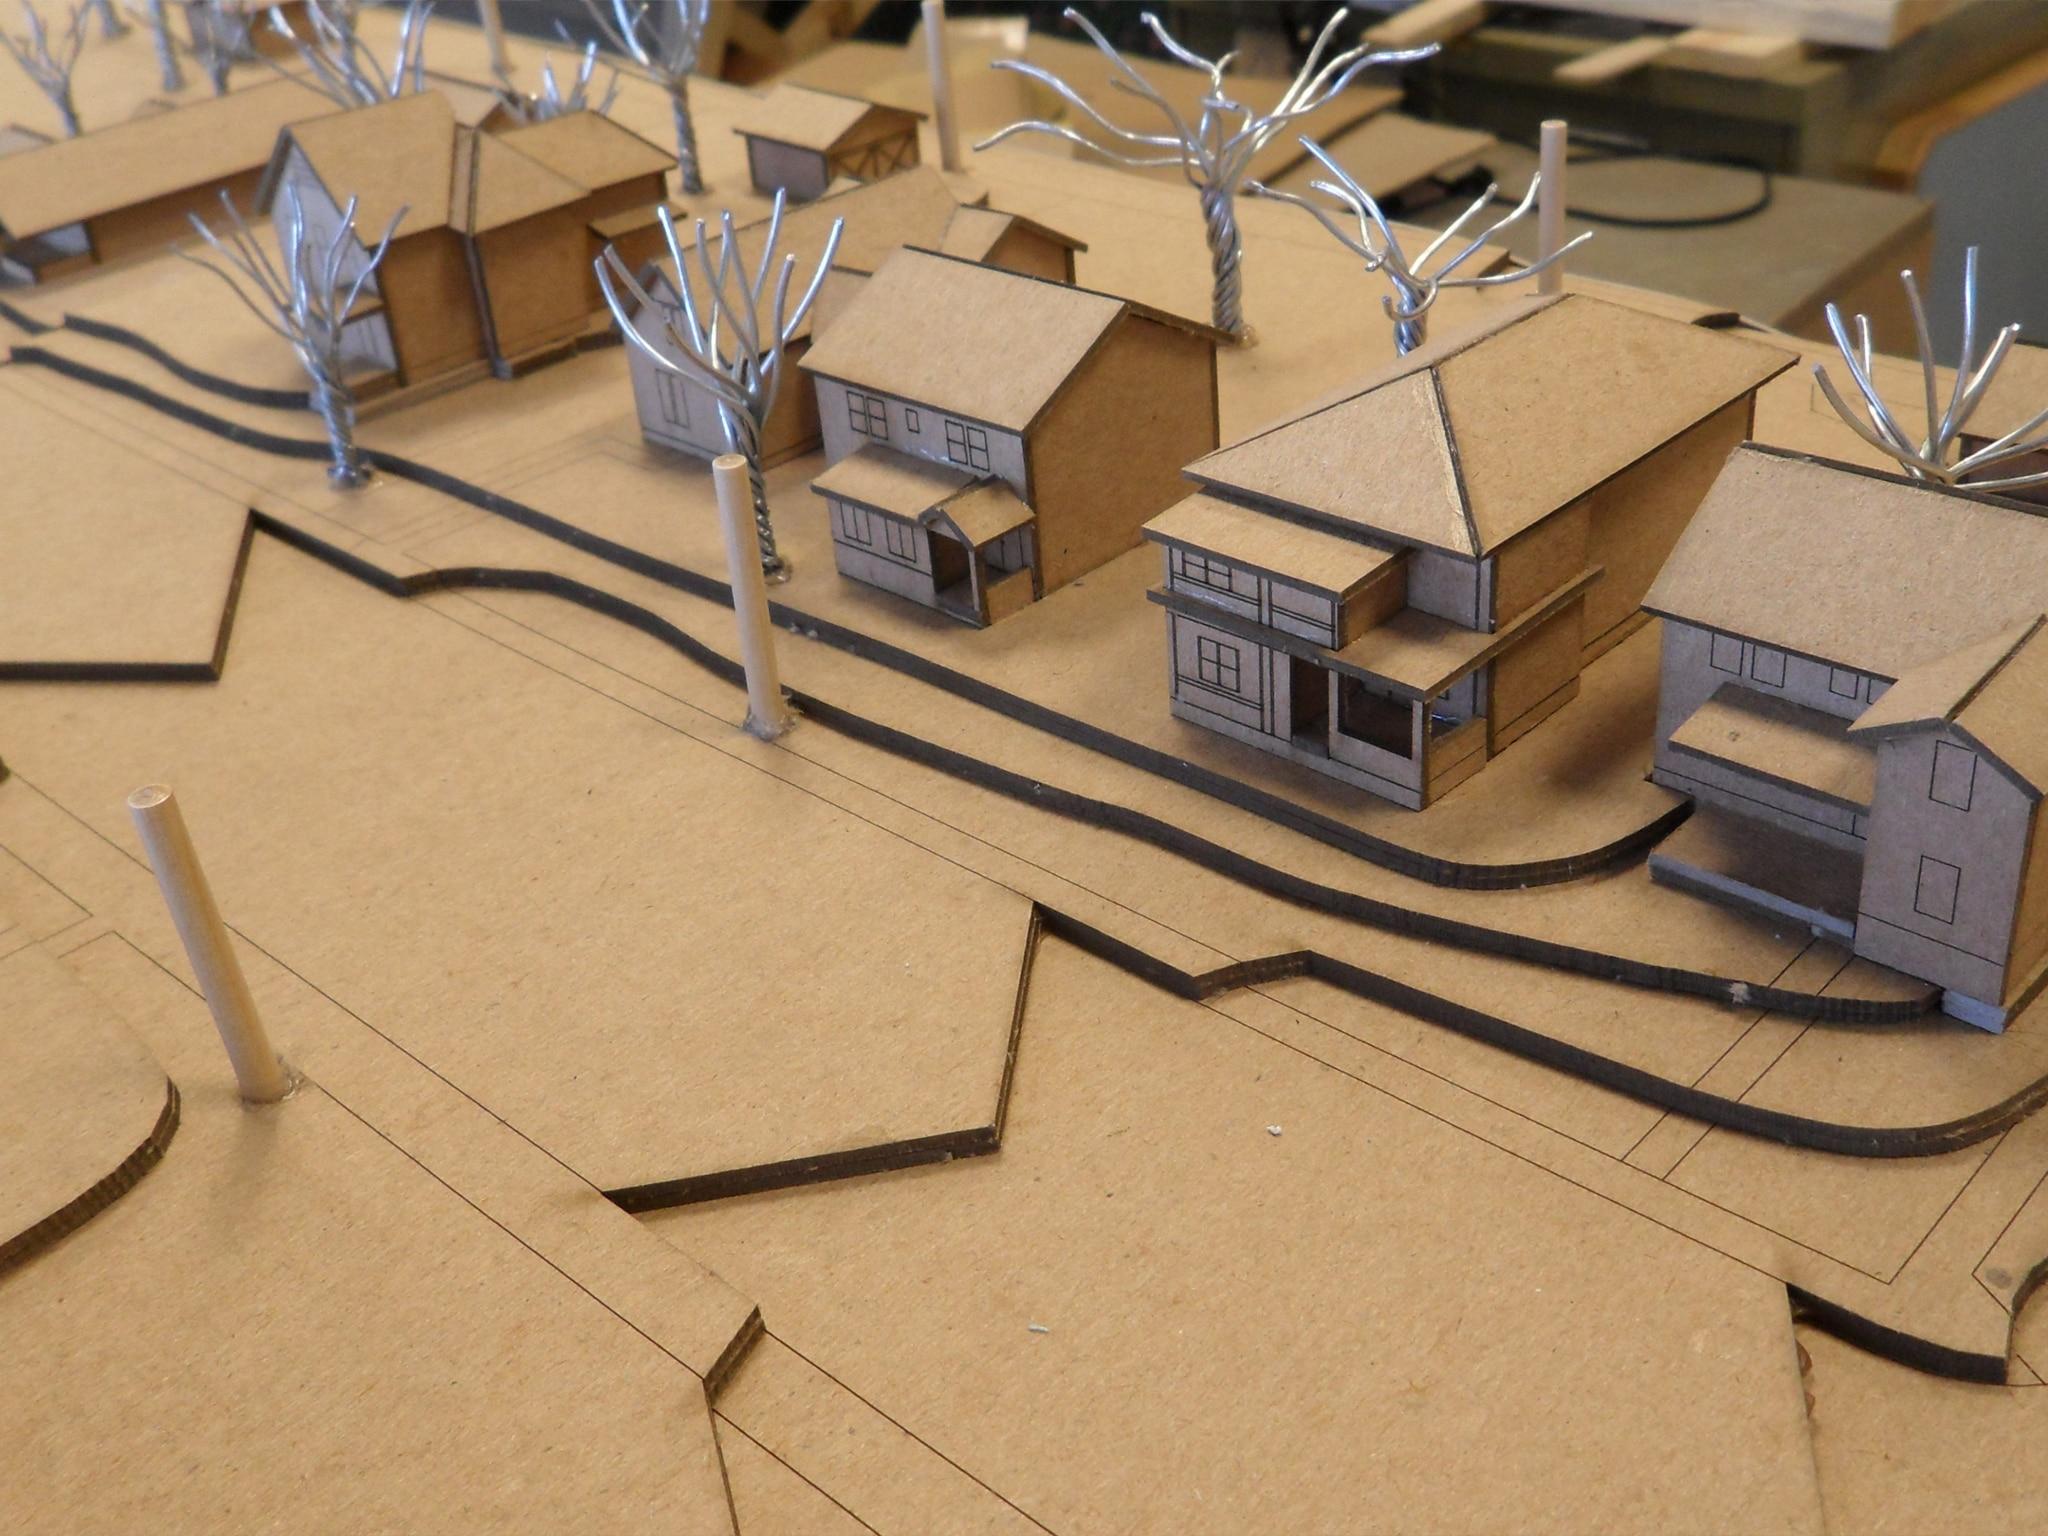 6th Avenue Corridor Project